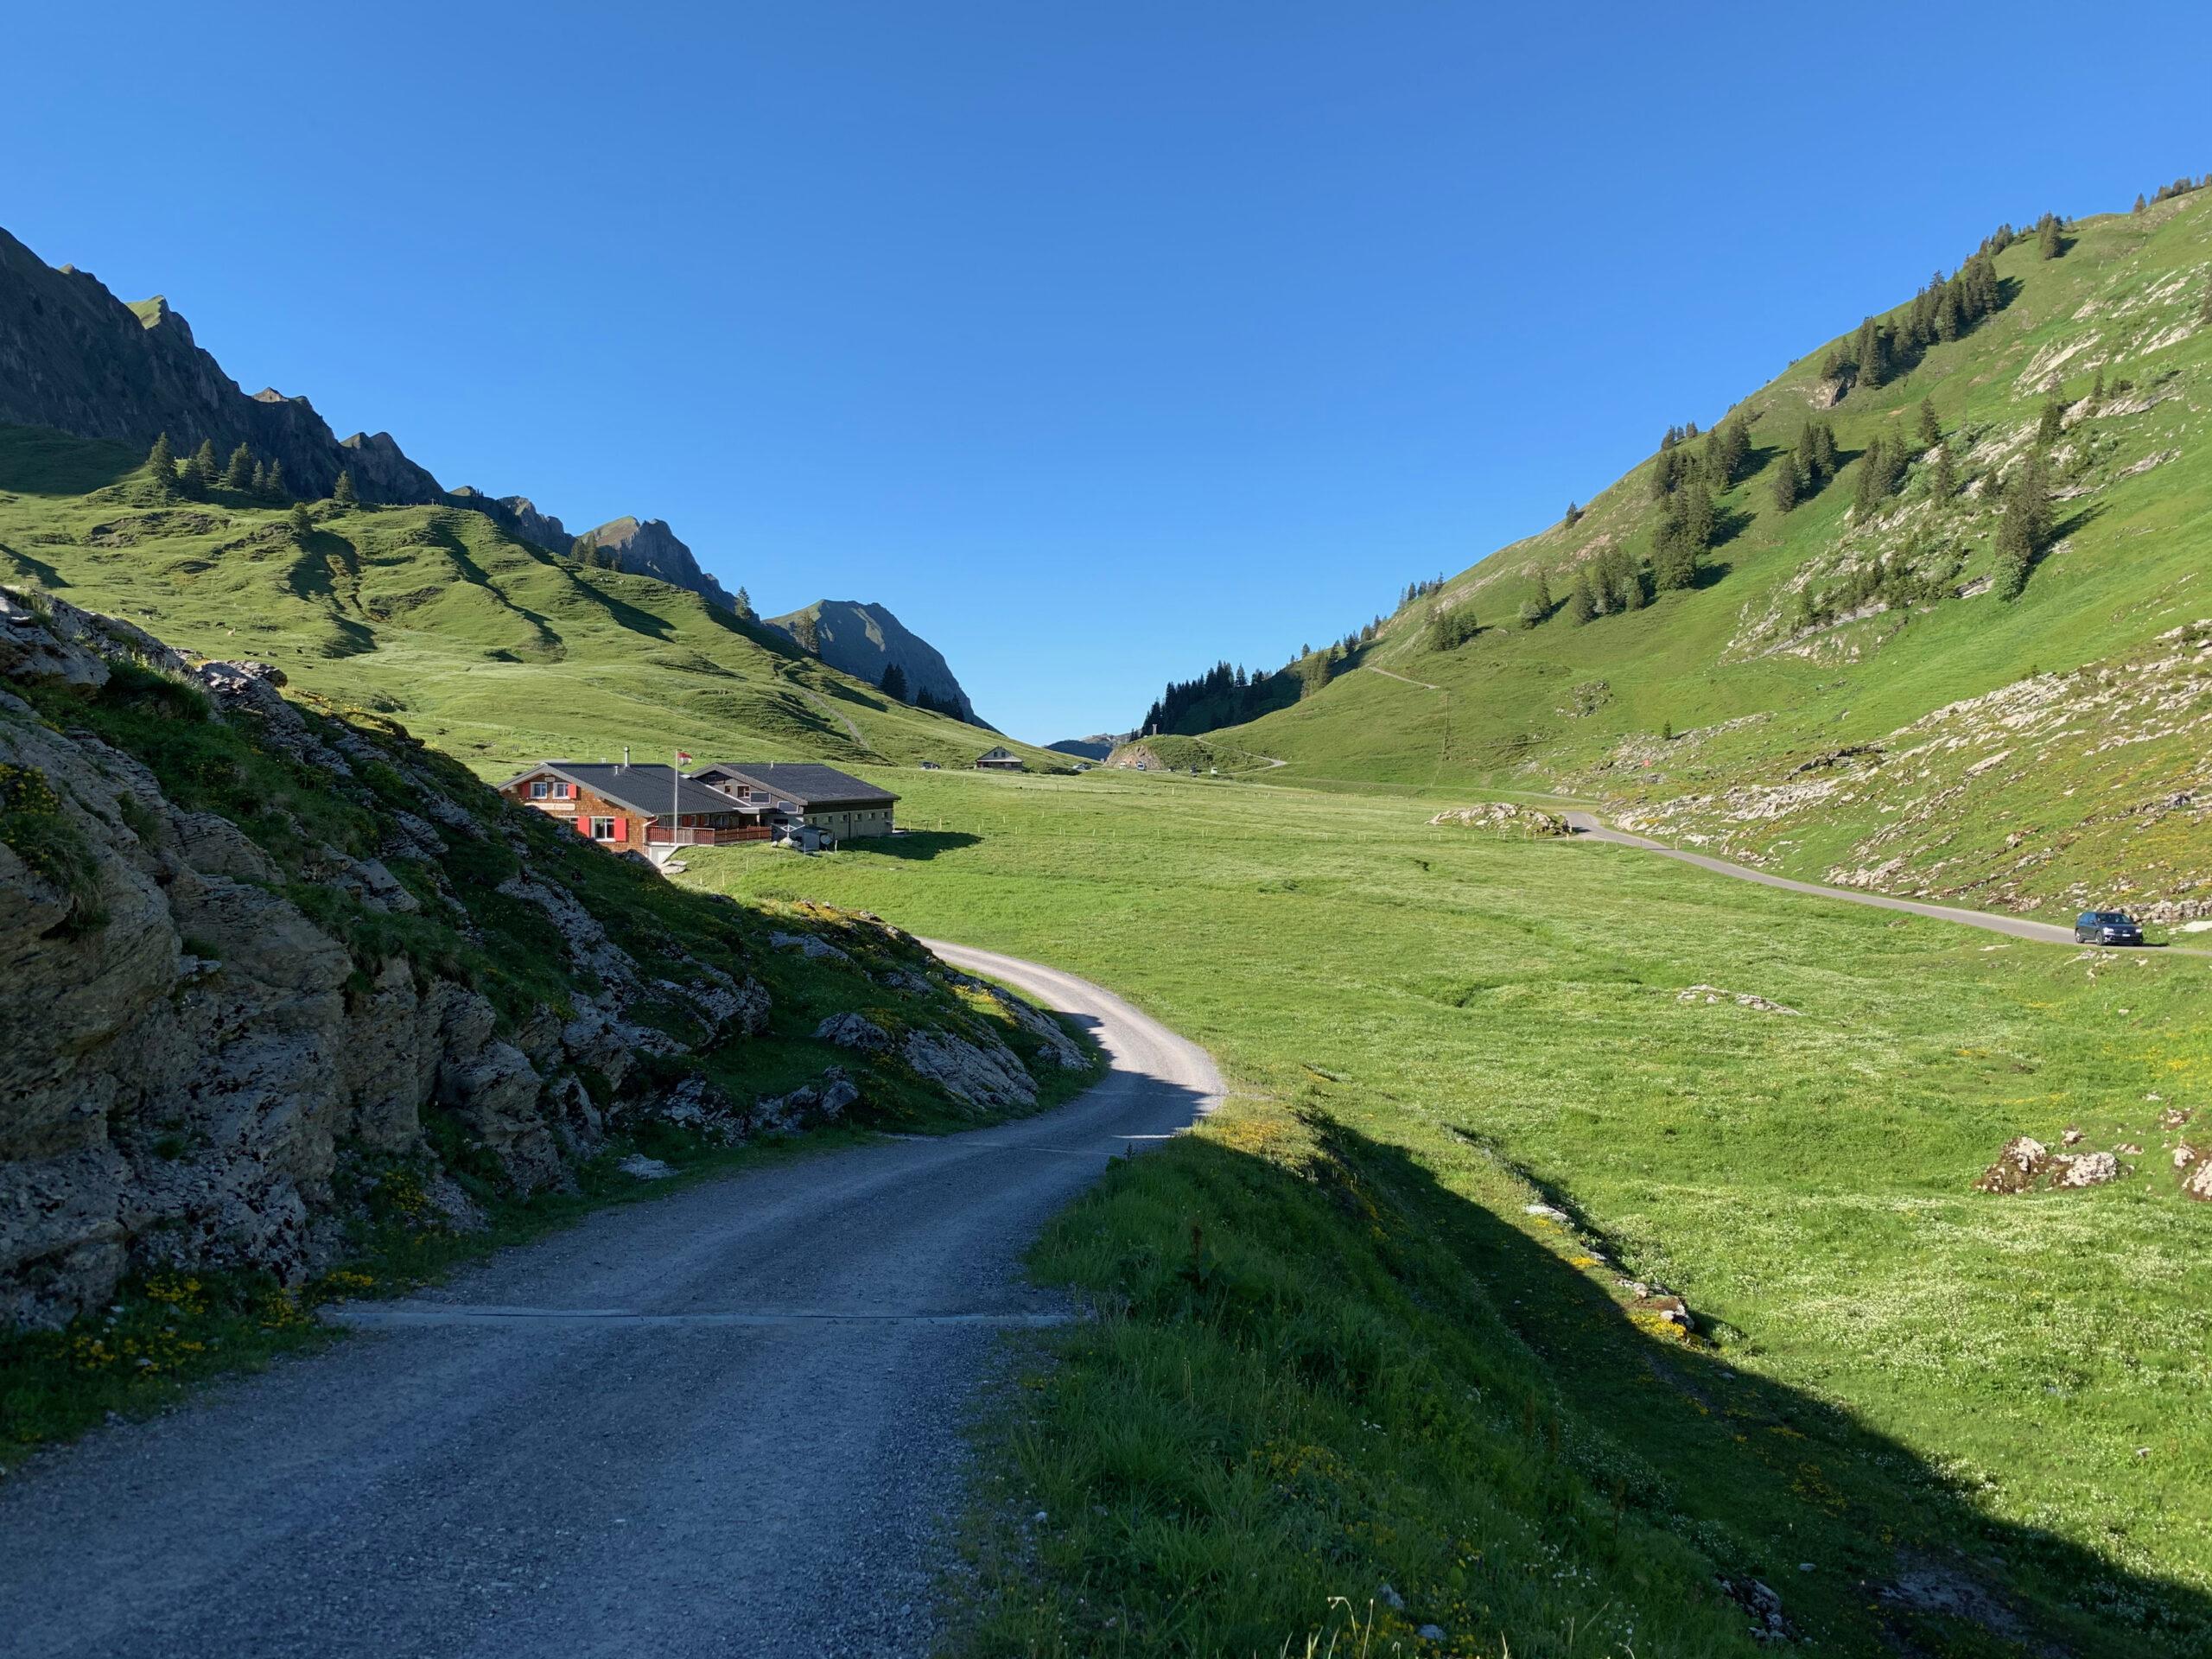 Pragelpass, Gaststube